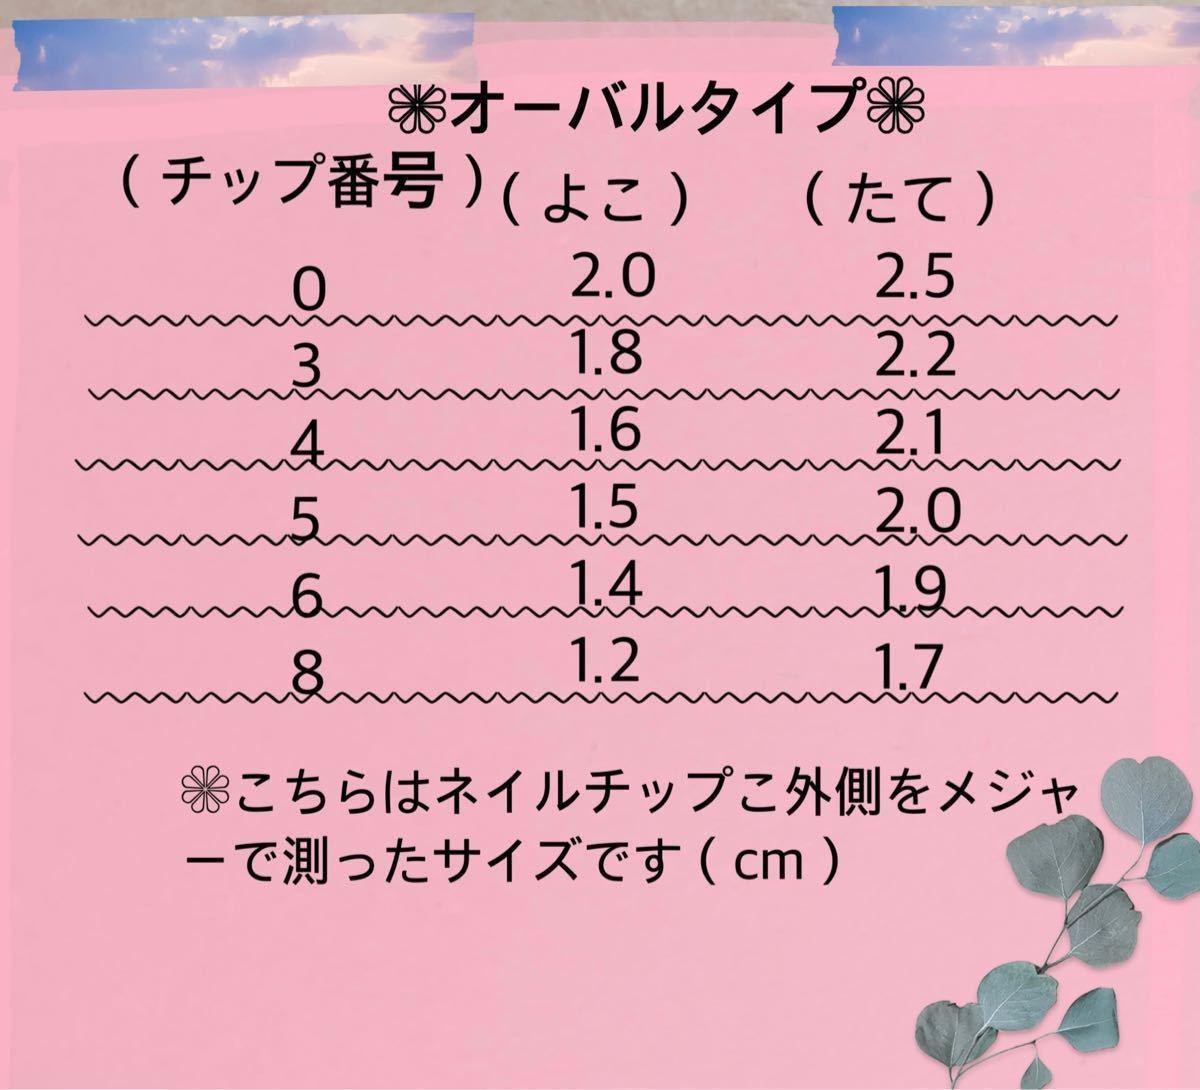 【ネイルチップ受注制作】秋色ニュアンス×マグネット×ミラー ミラーネイル ネイルチップ ミラーネイル